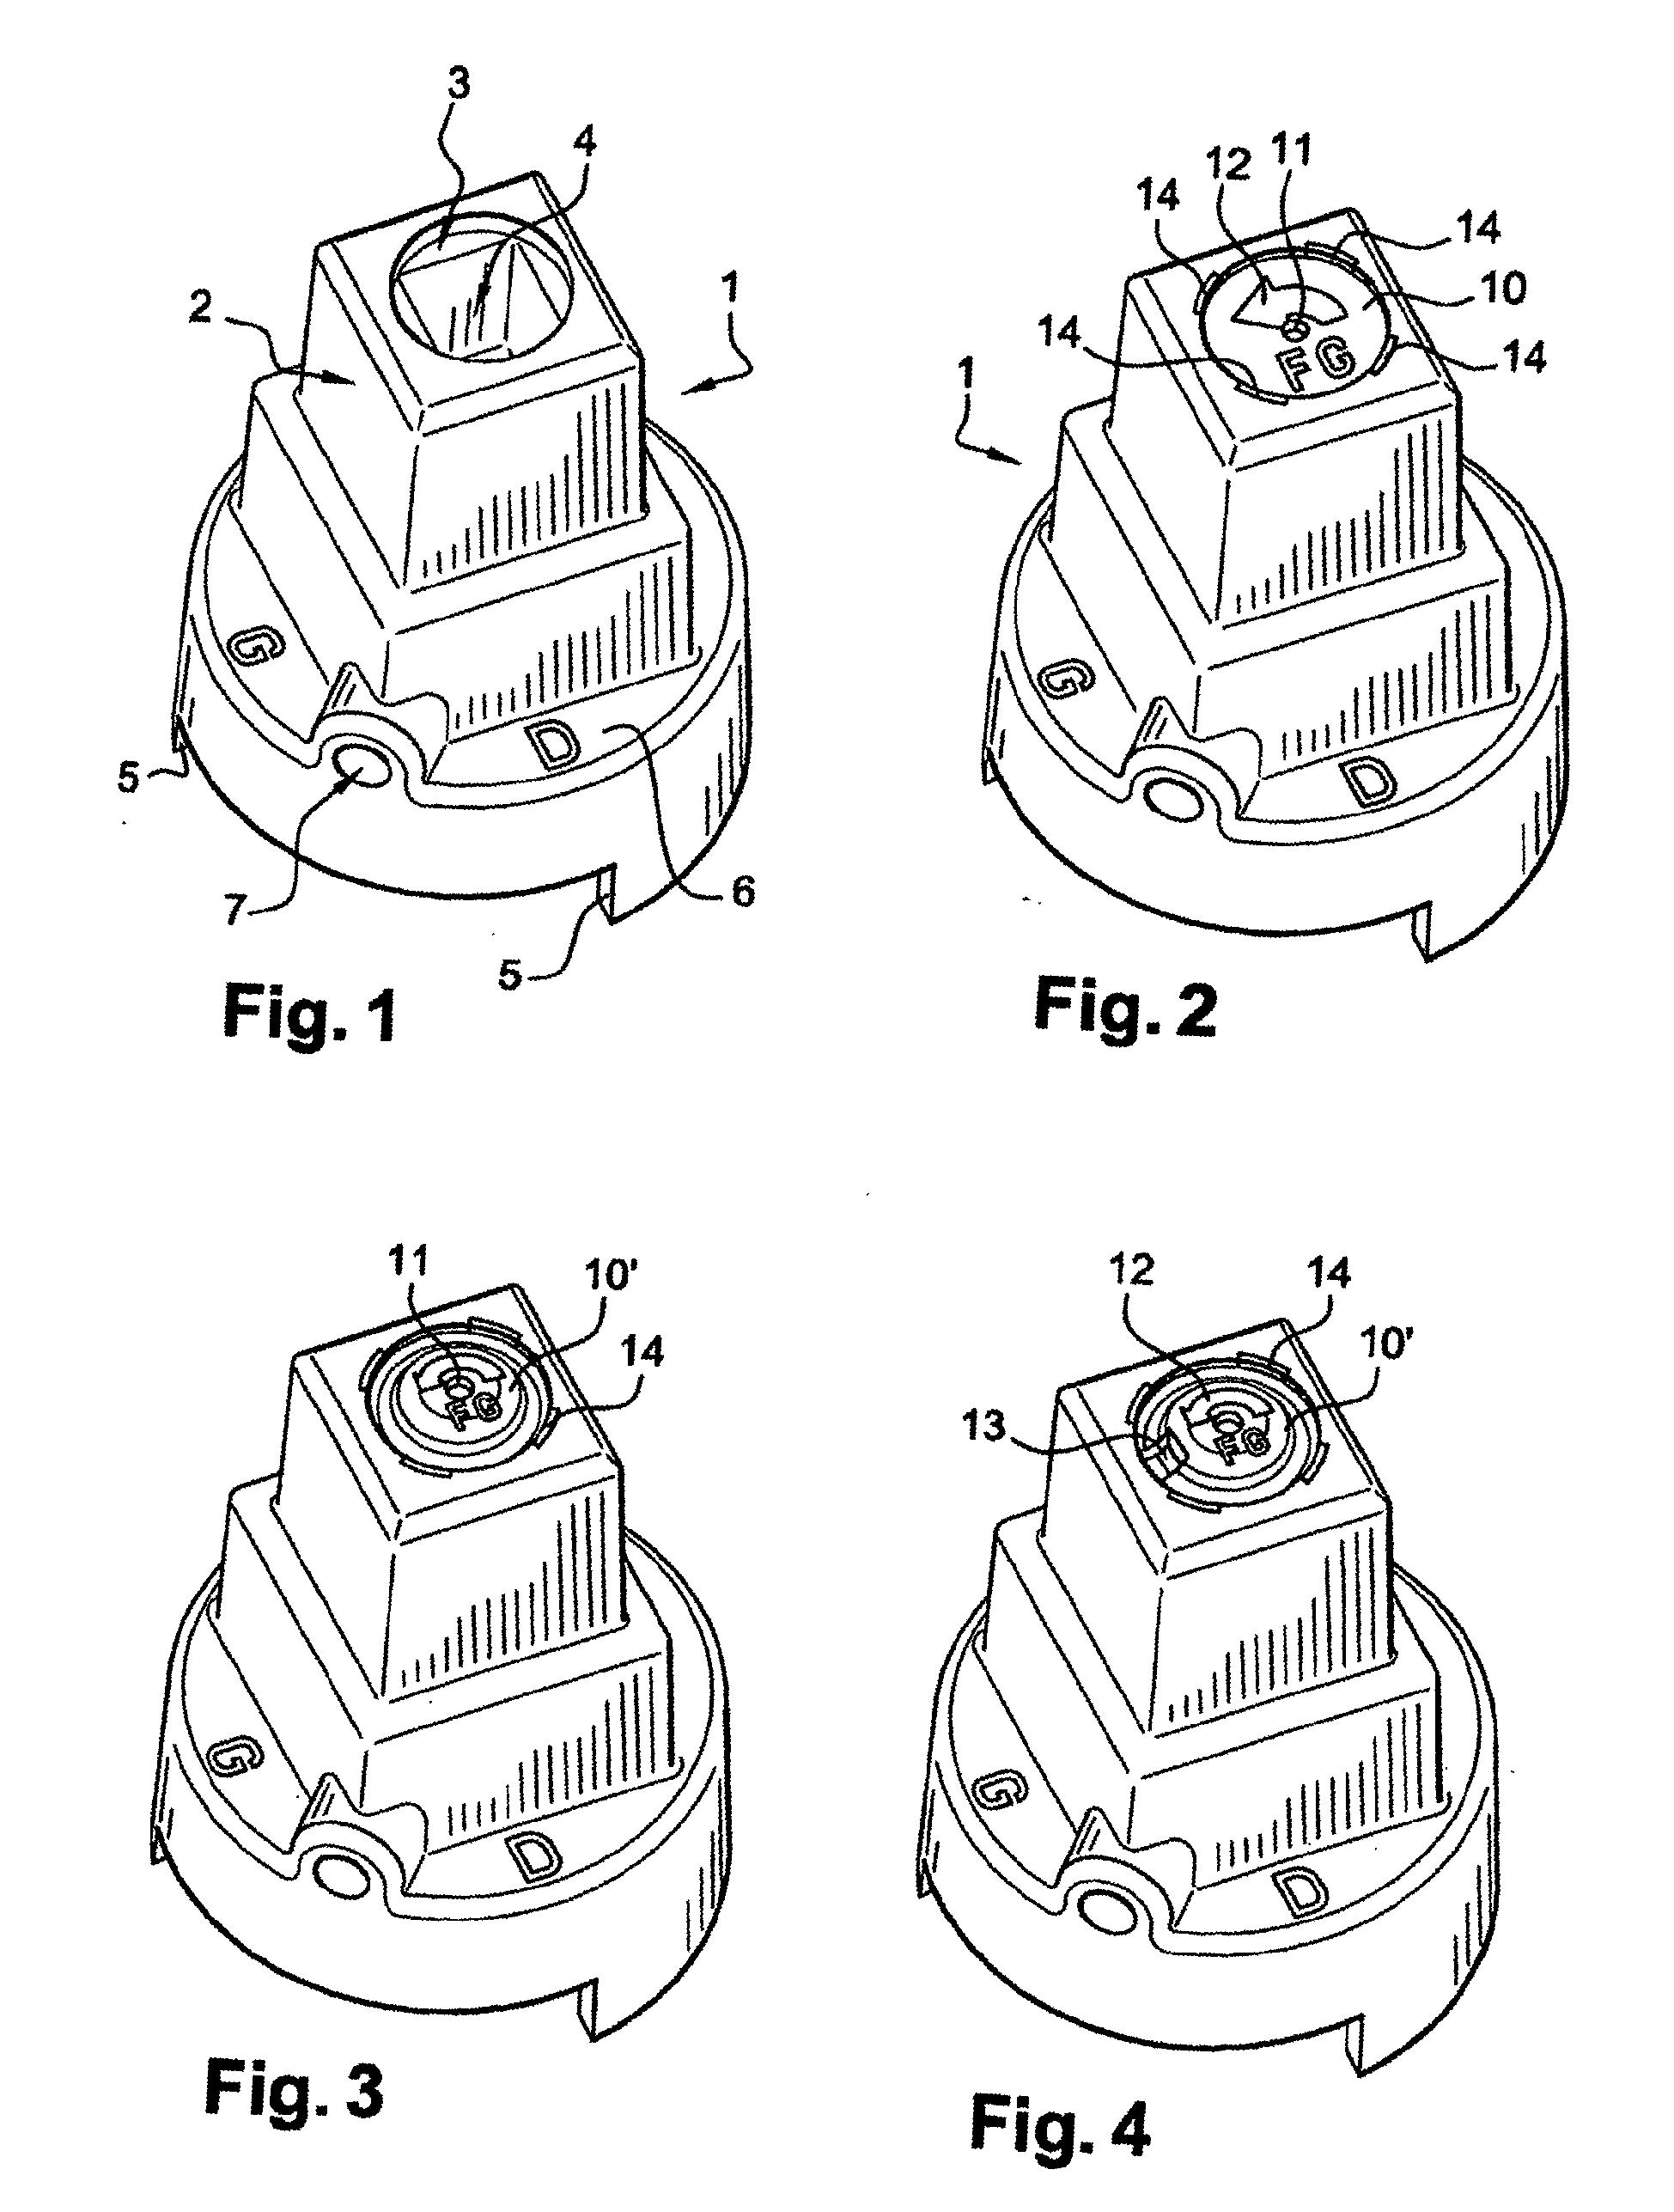 patent ep1439267b1 chapeau d 39 ordonnance pastille magn tisable pour organe de commande. Black Bedroom Furniture Sets. Home Design Ideas